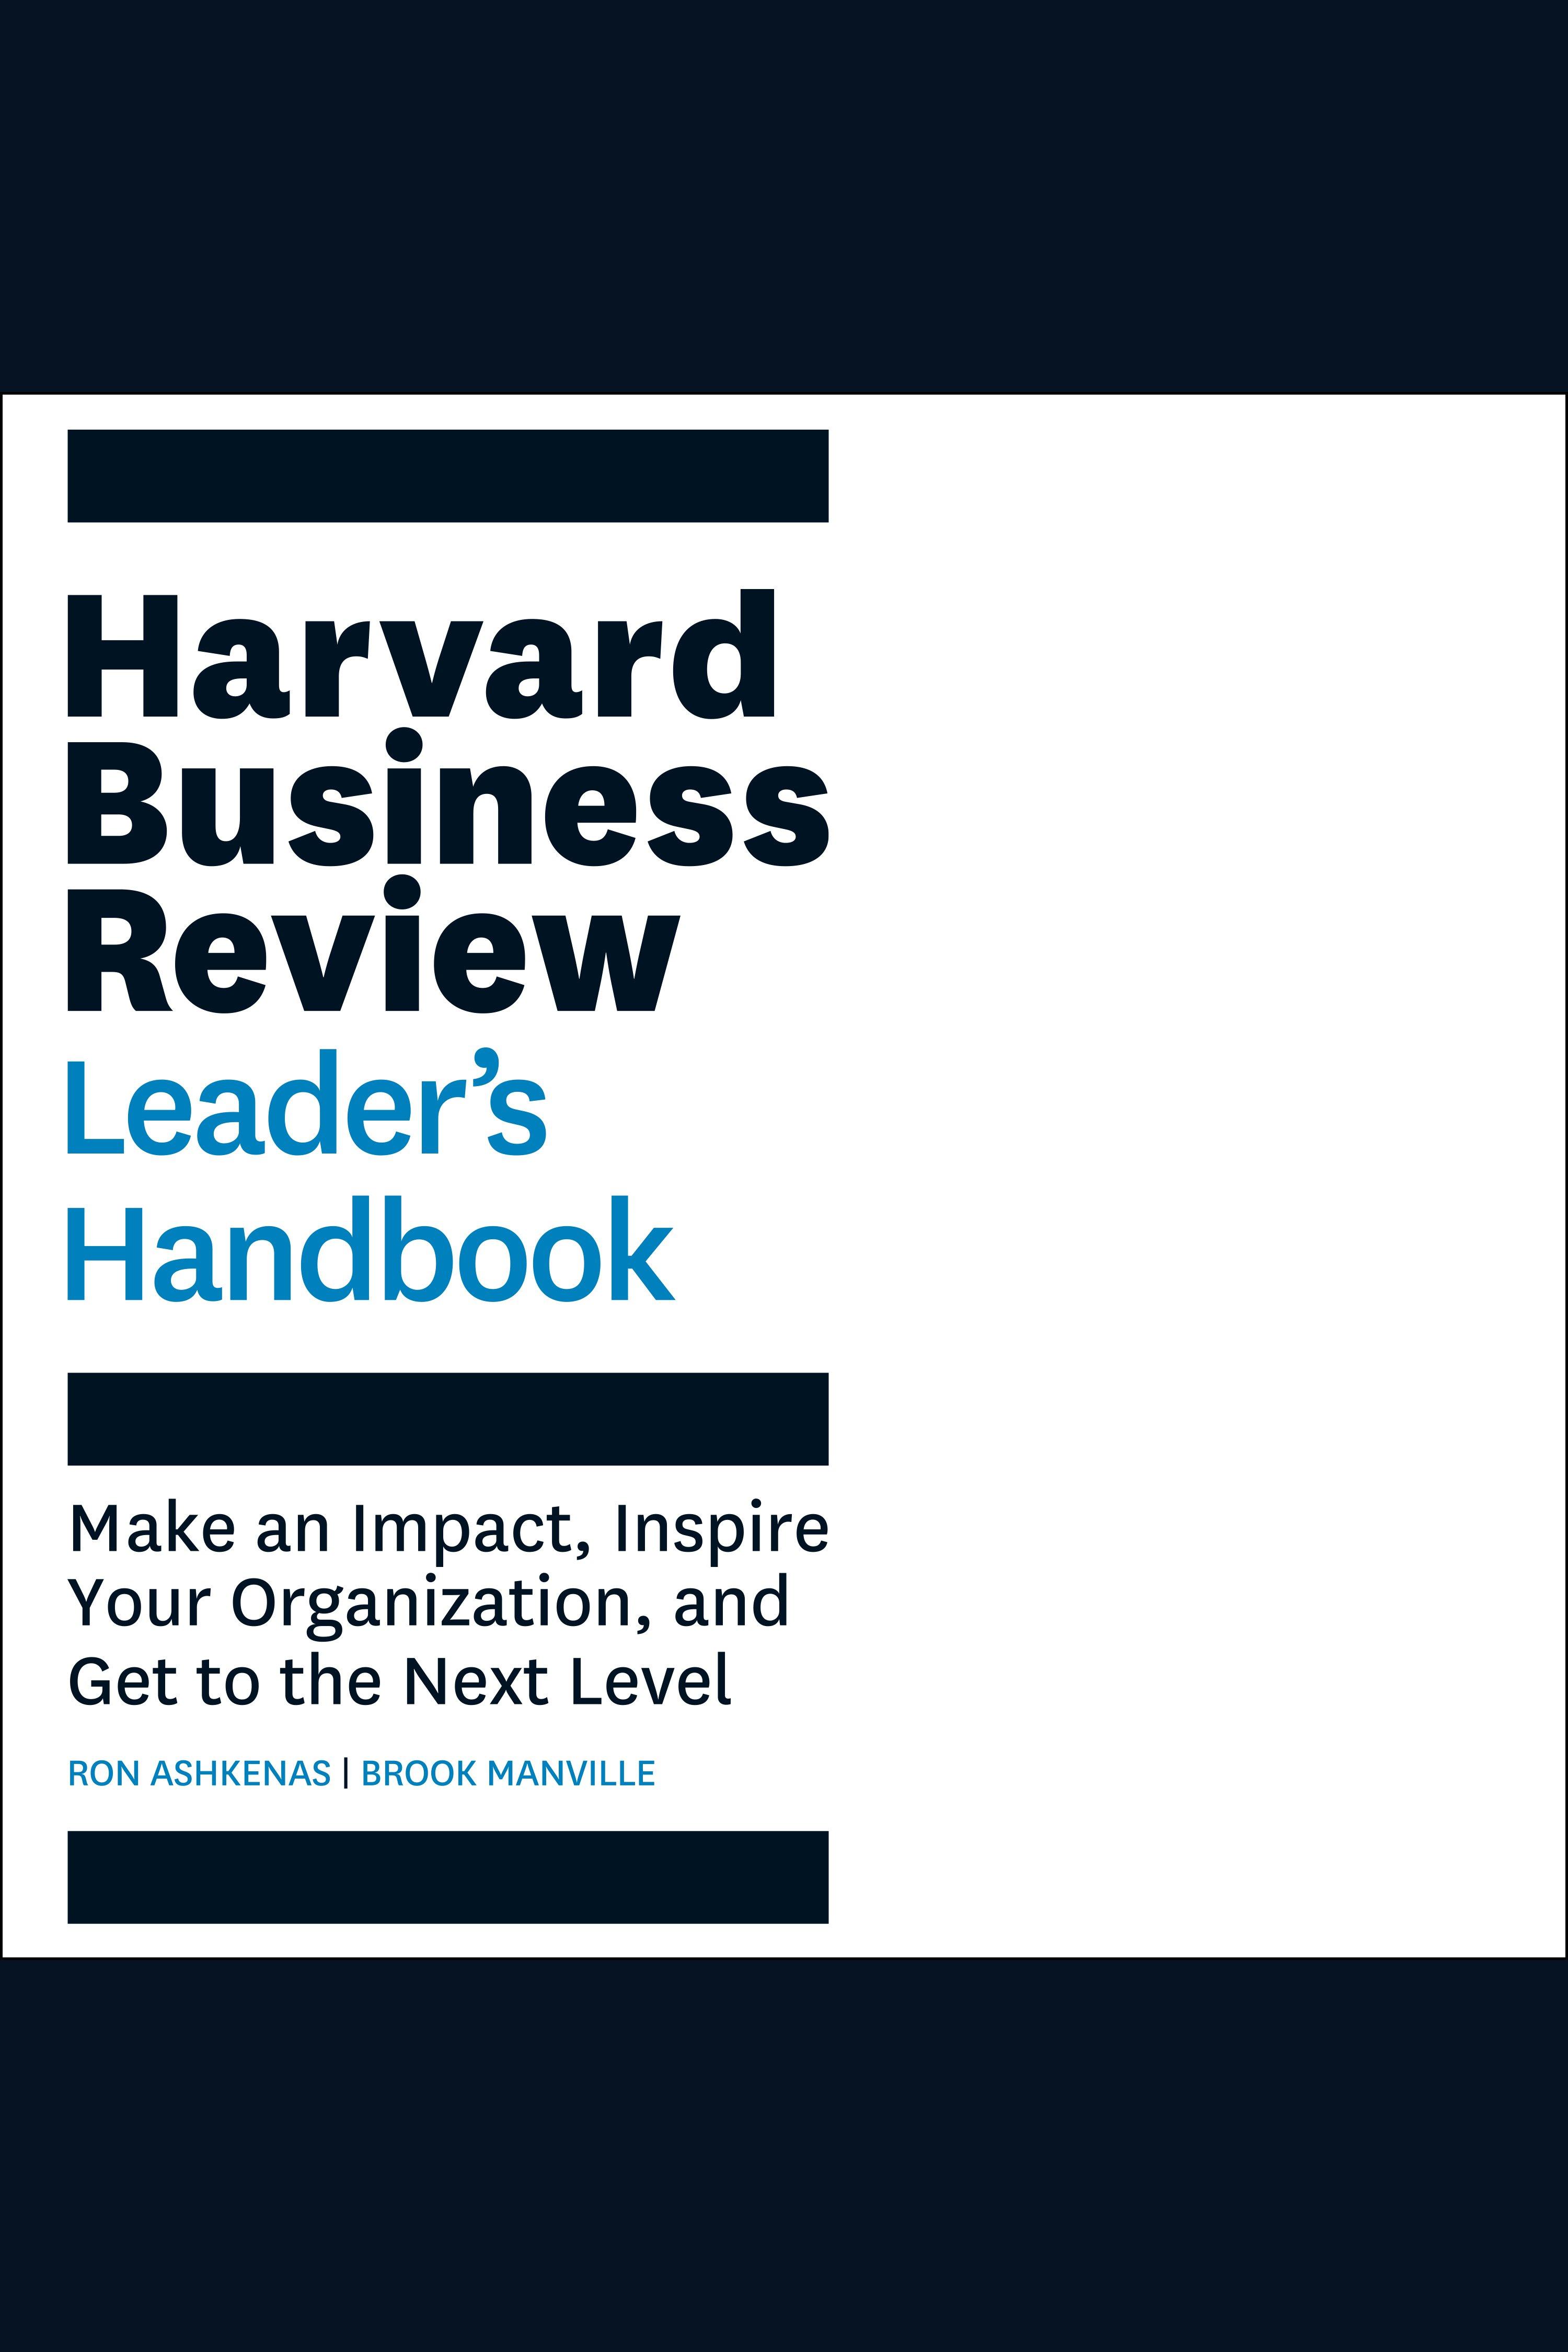 Esta es la portada del audiolibro Harvard Business Review Leader's Handbook, The